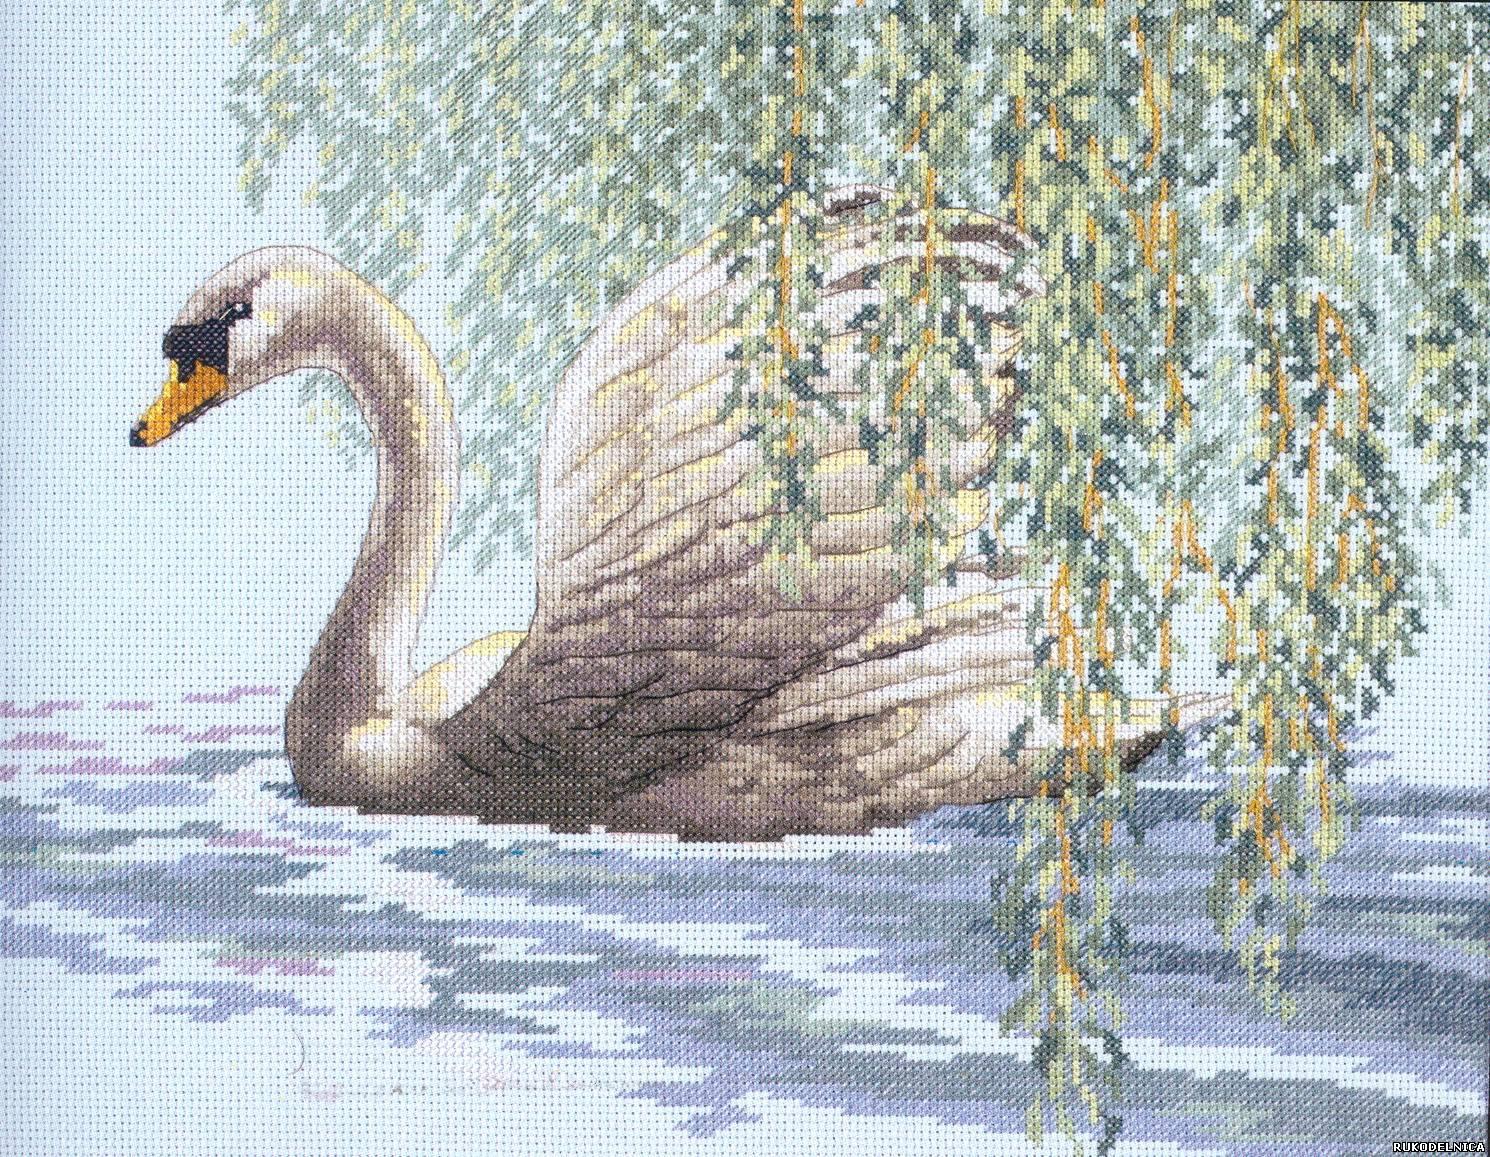 Вышивка гладью лебедя